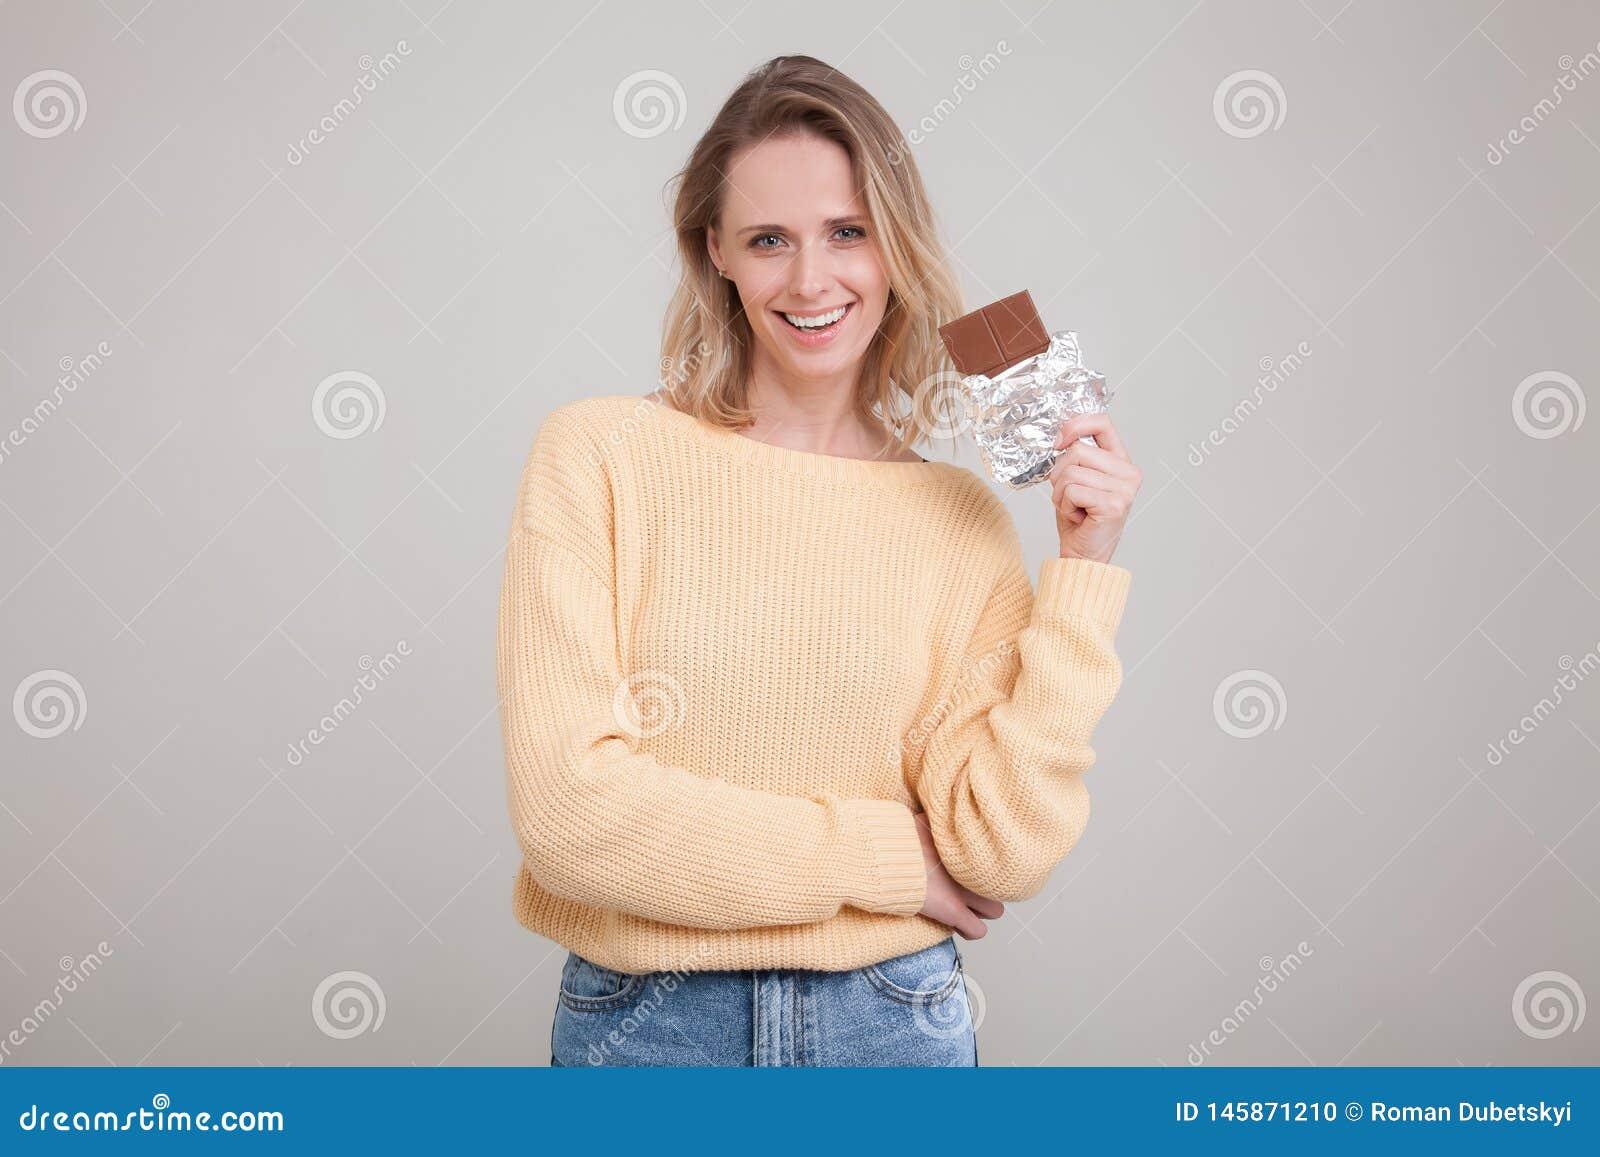 En h?rlig ung mjuk flicka med blont h?r rymmer en chokladst?ng i framsidan som hon b?r i en gul tr?ja poserar mot